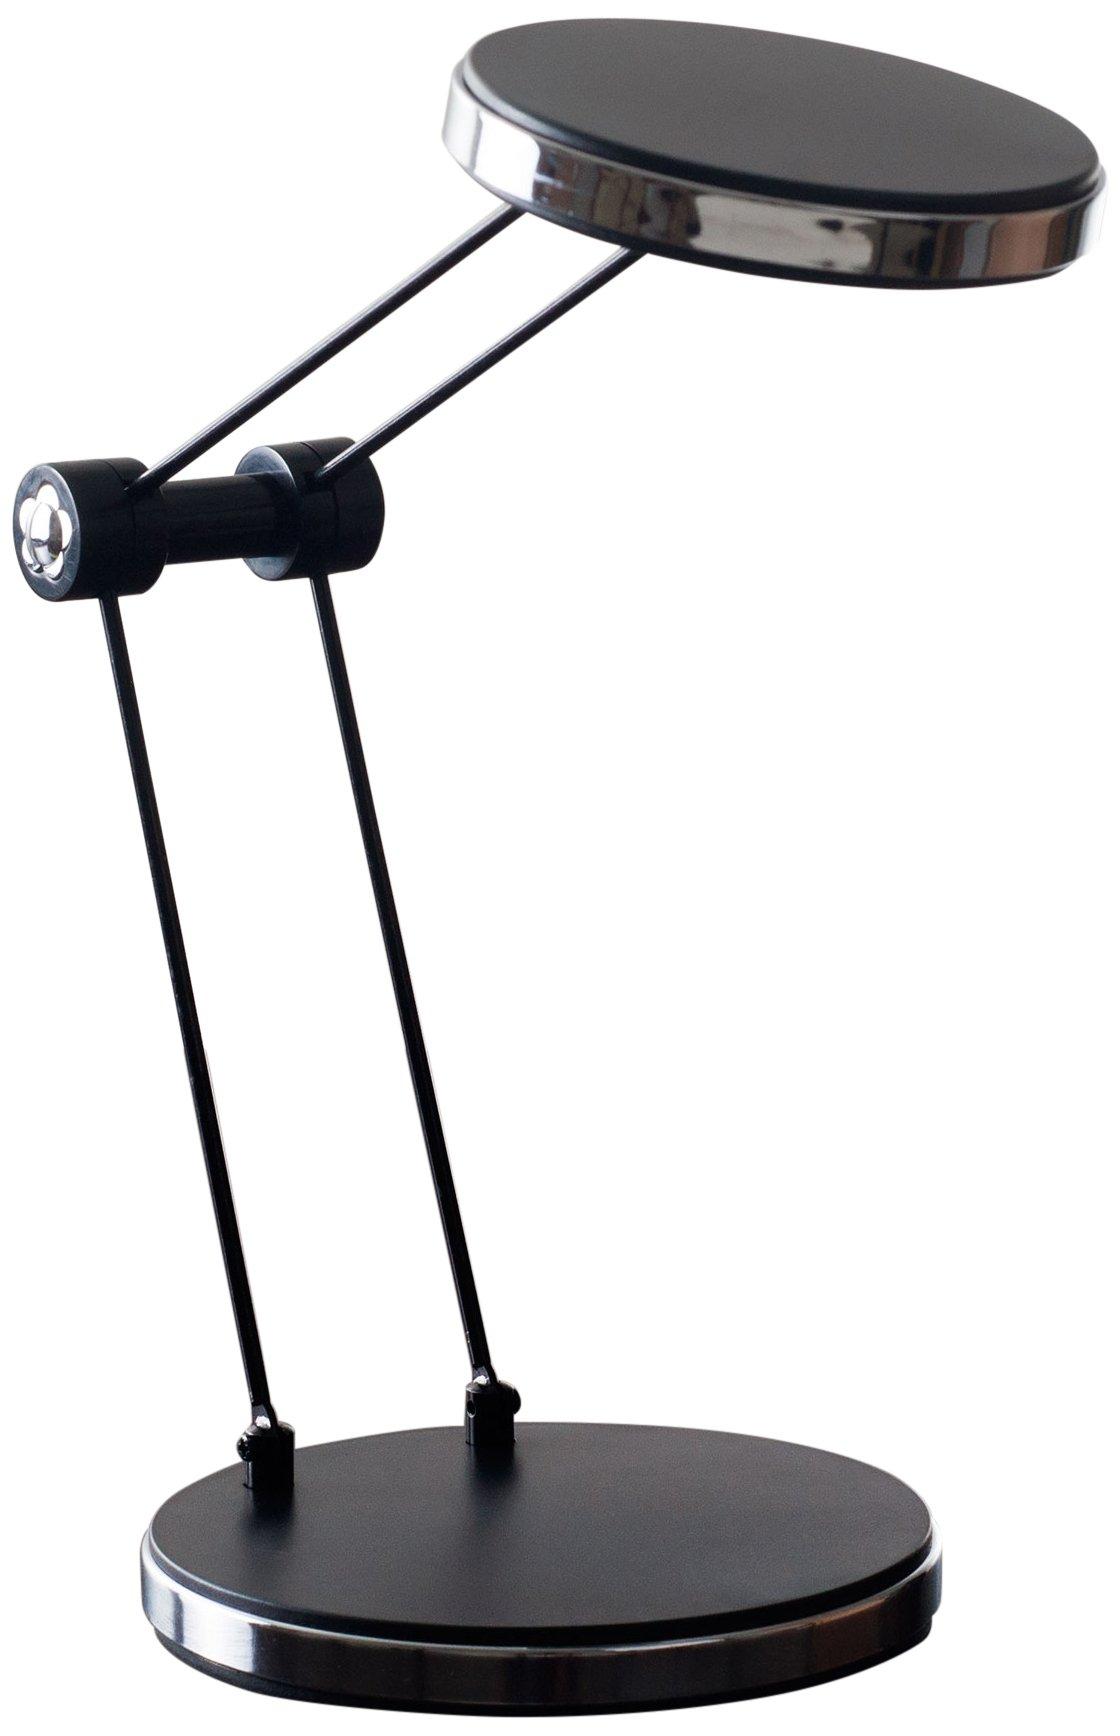 Lavish Home 72-SF11-B Foldable USB LED Desk Lamp, 4.5'' x 4.5'' x 12.5'', Black